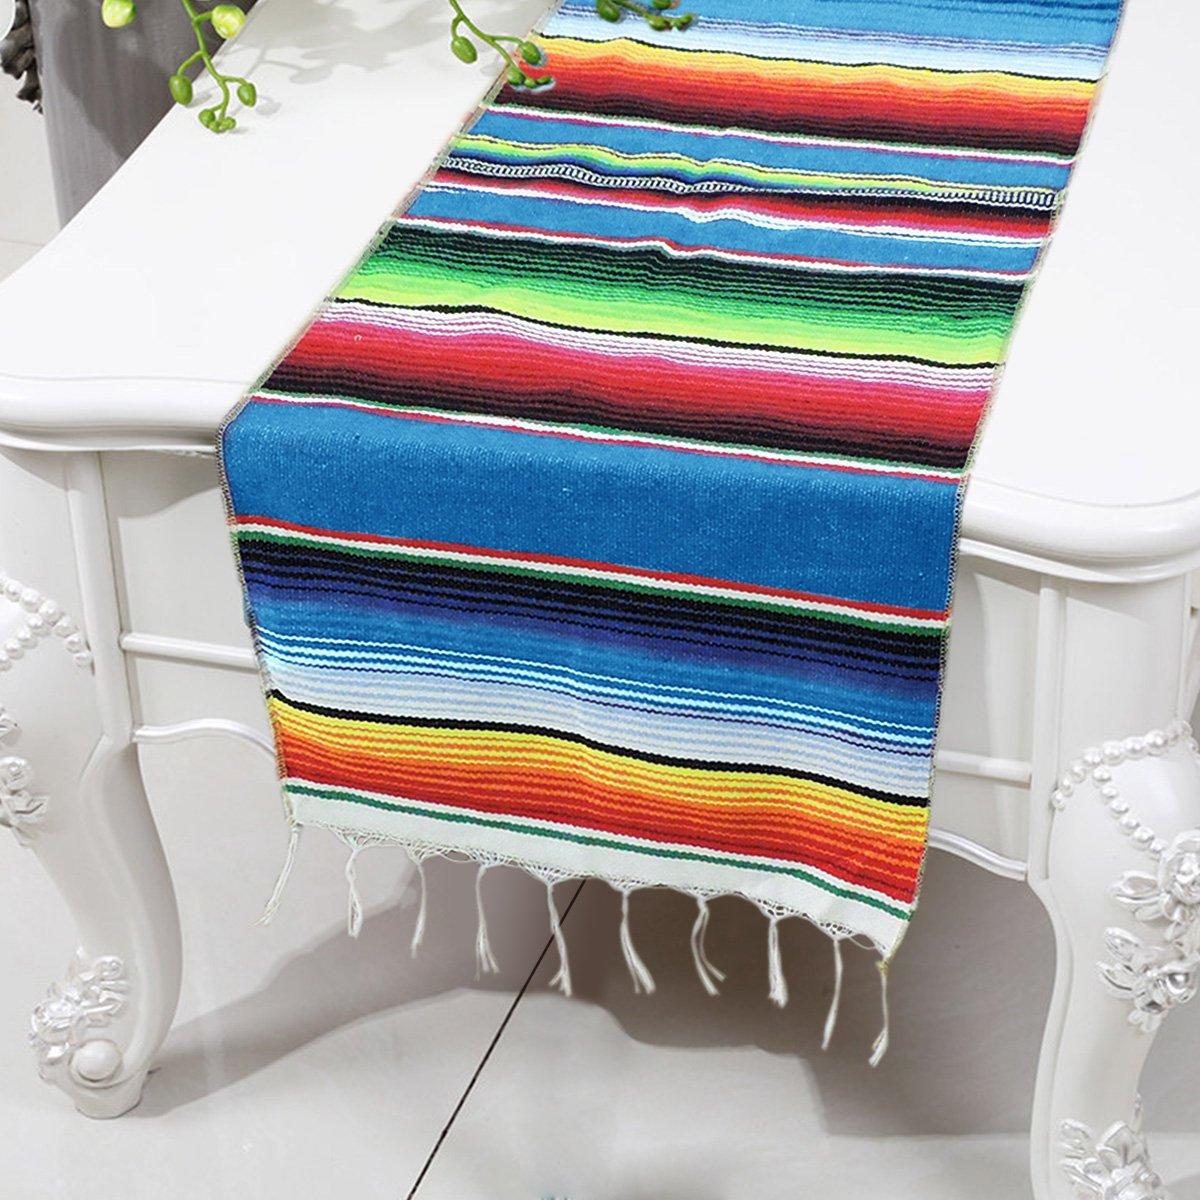 Smurfs Yingda Mexican Serape Table Runner Fringe Cotton Table Runner(Pack of 2, Blue)